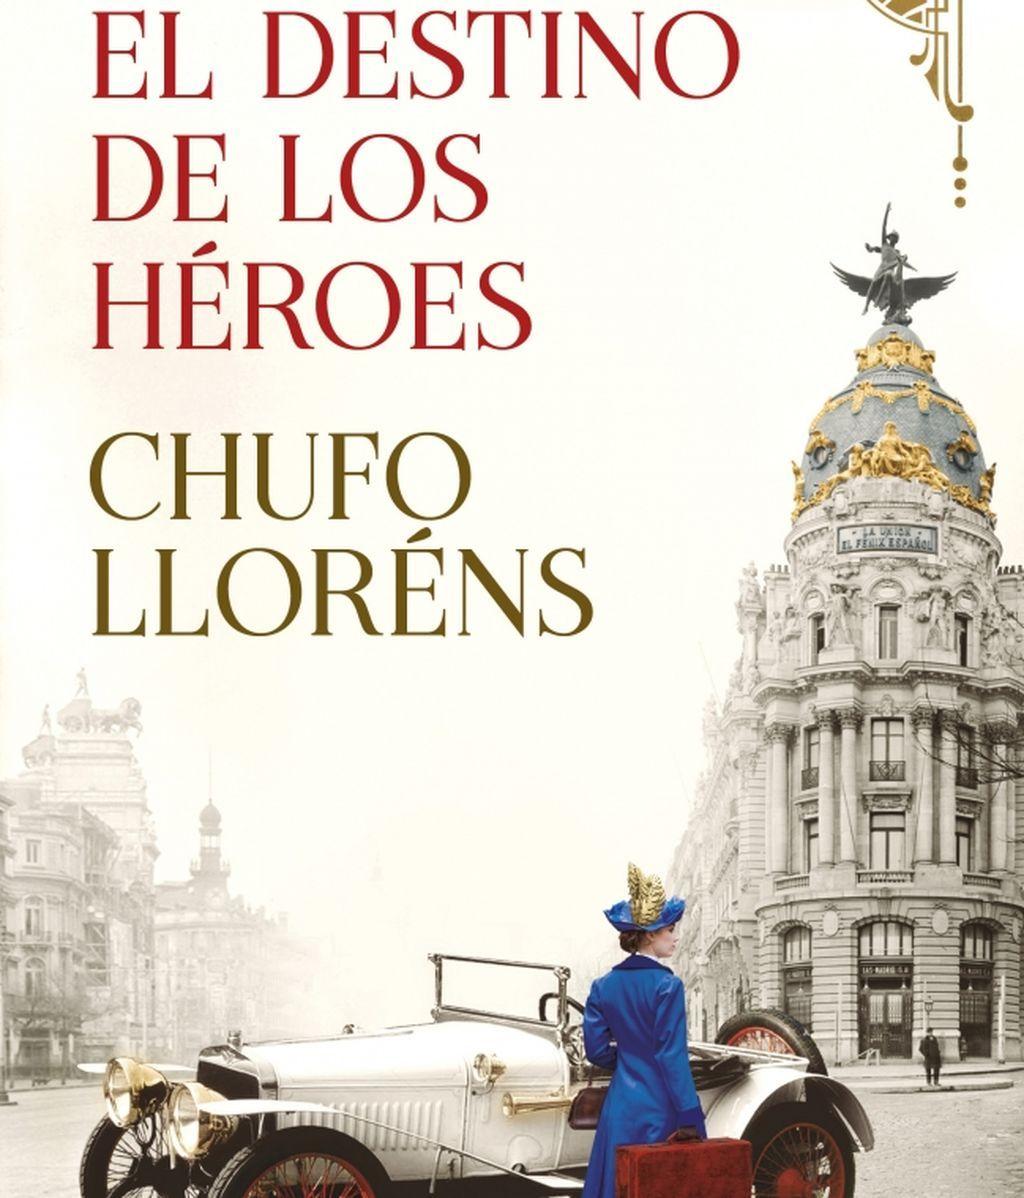 EL DESTINO DE LOS HEROES_Chufo Llorens